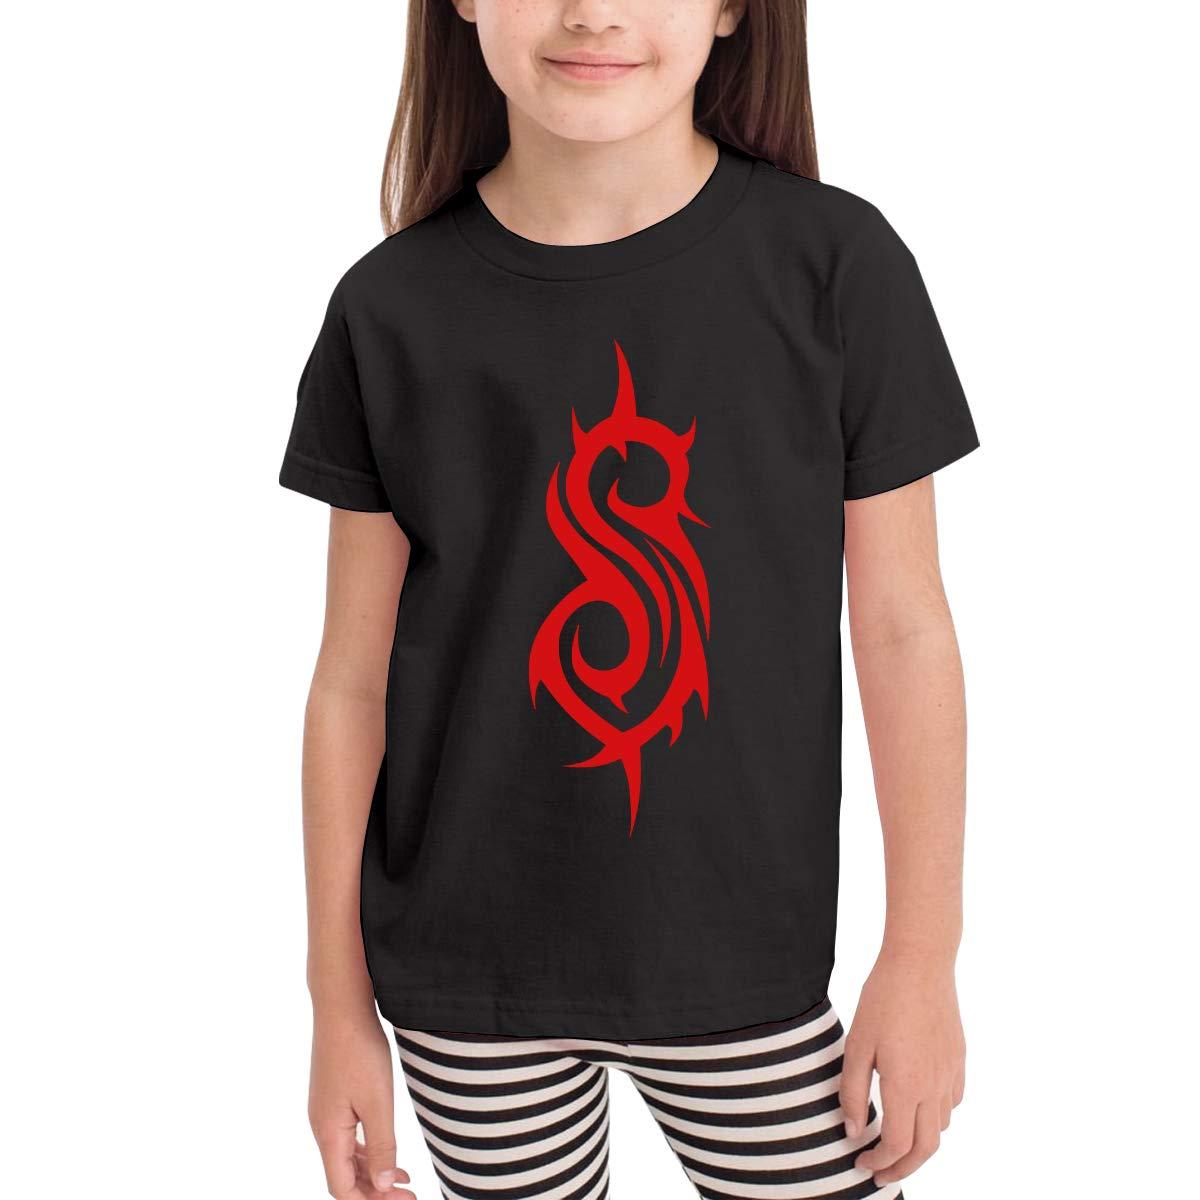 SuperLee Toddler Slipknot Soft Short Sleeve Tee Black